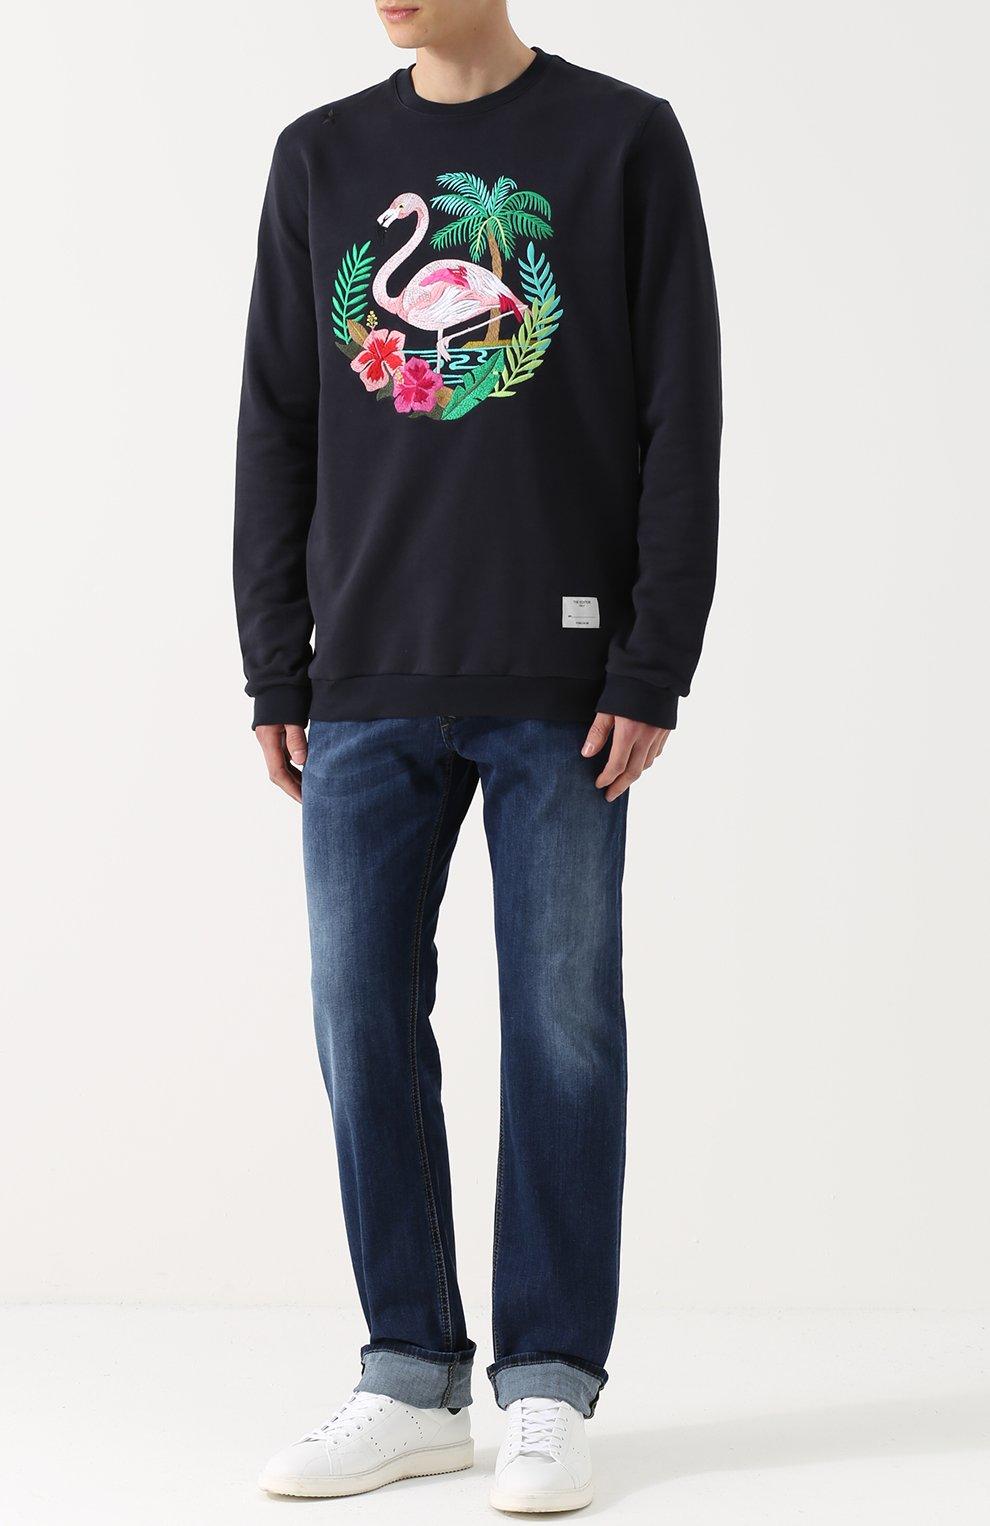 Хлопковый свитшот с контрастной вышивкой | Фото №2